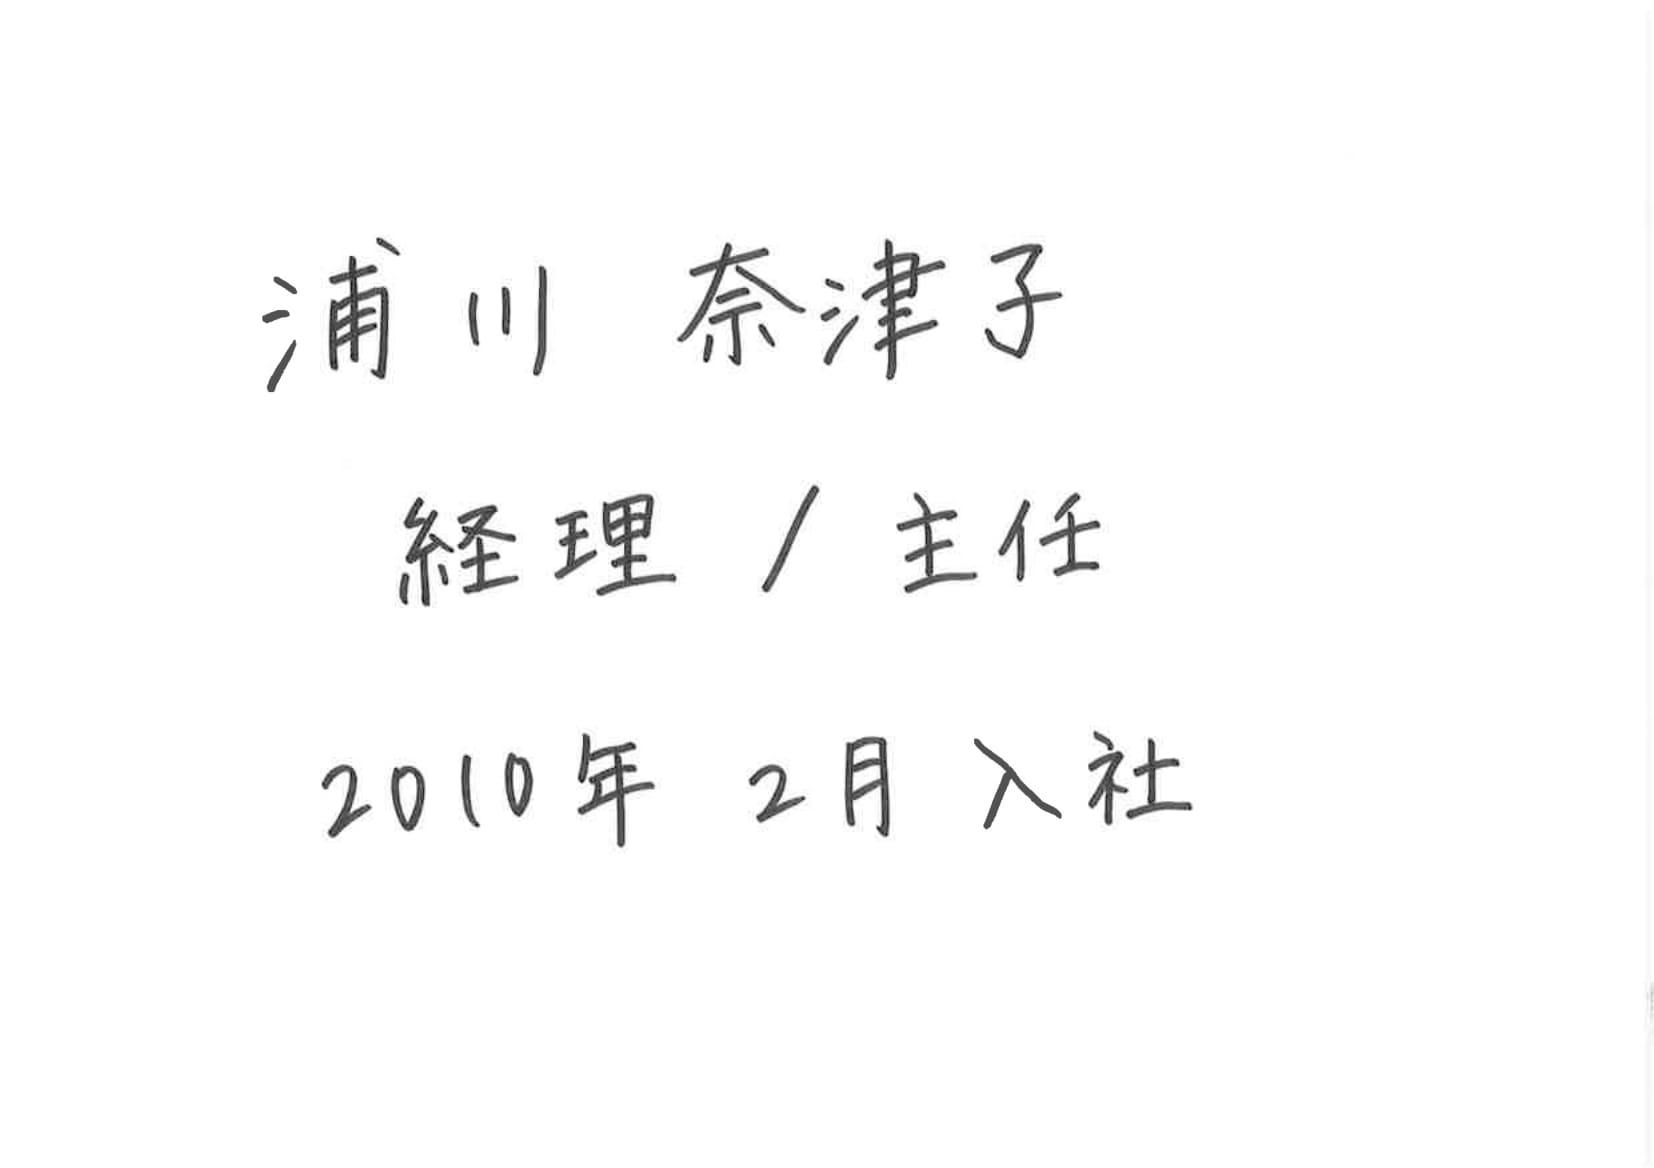 浦川 奈津子 経理部 主任 2010年2月入社